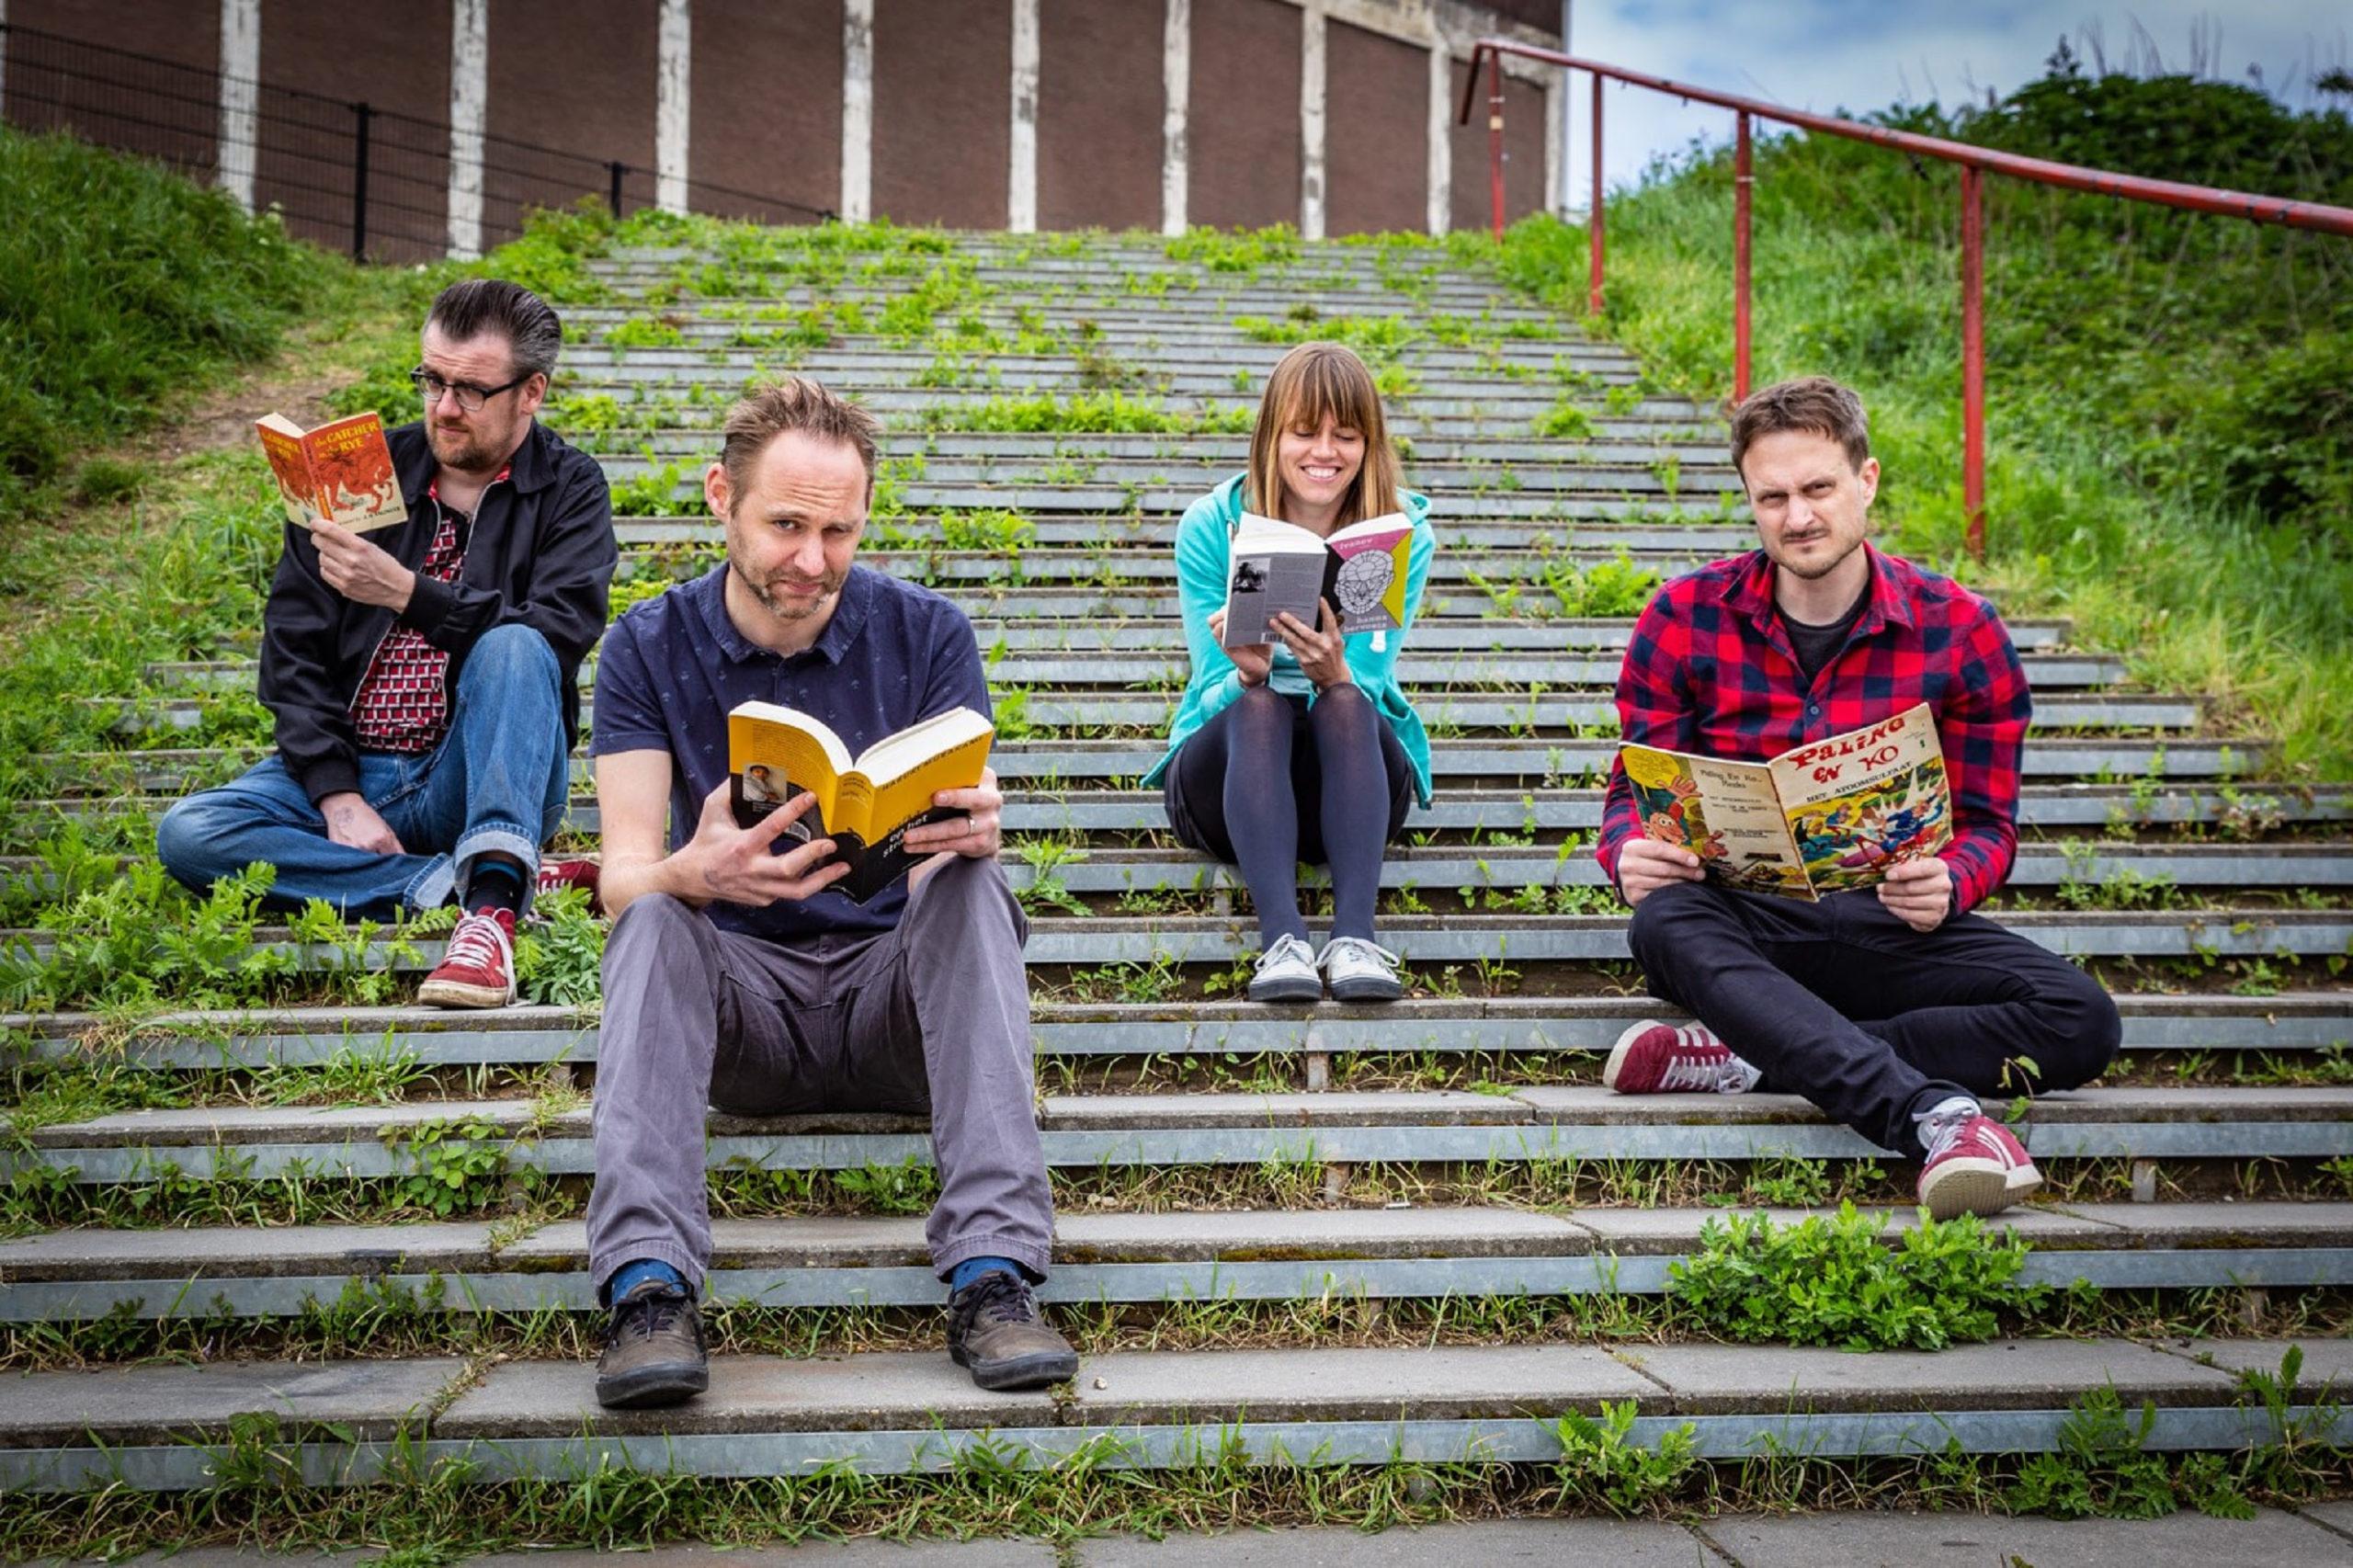 Nijmeegse punkrockband maakt cover voor de Voedselbank